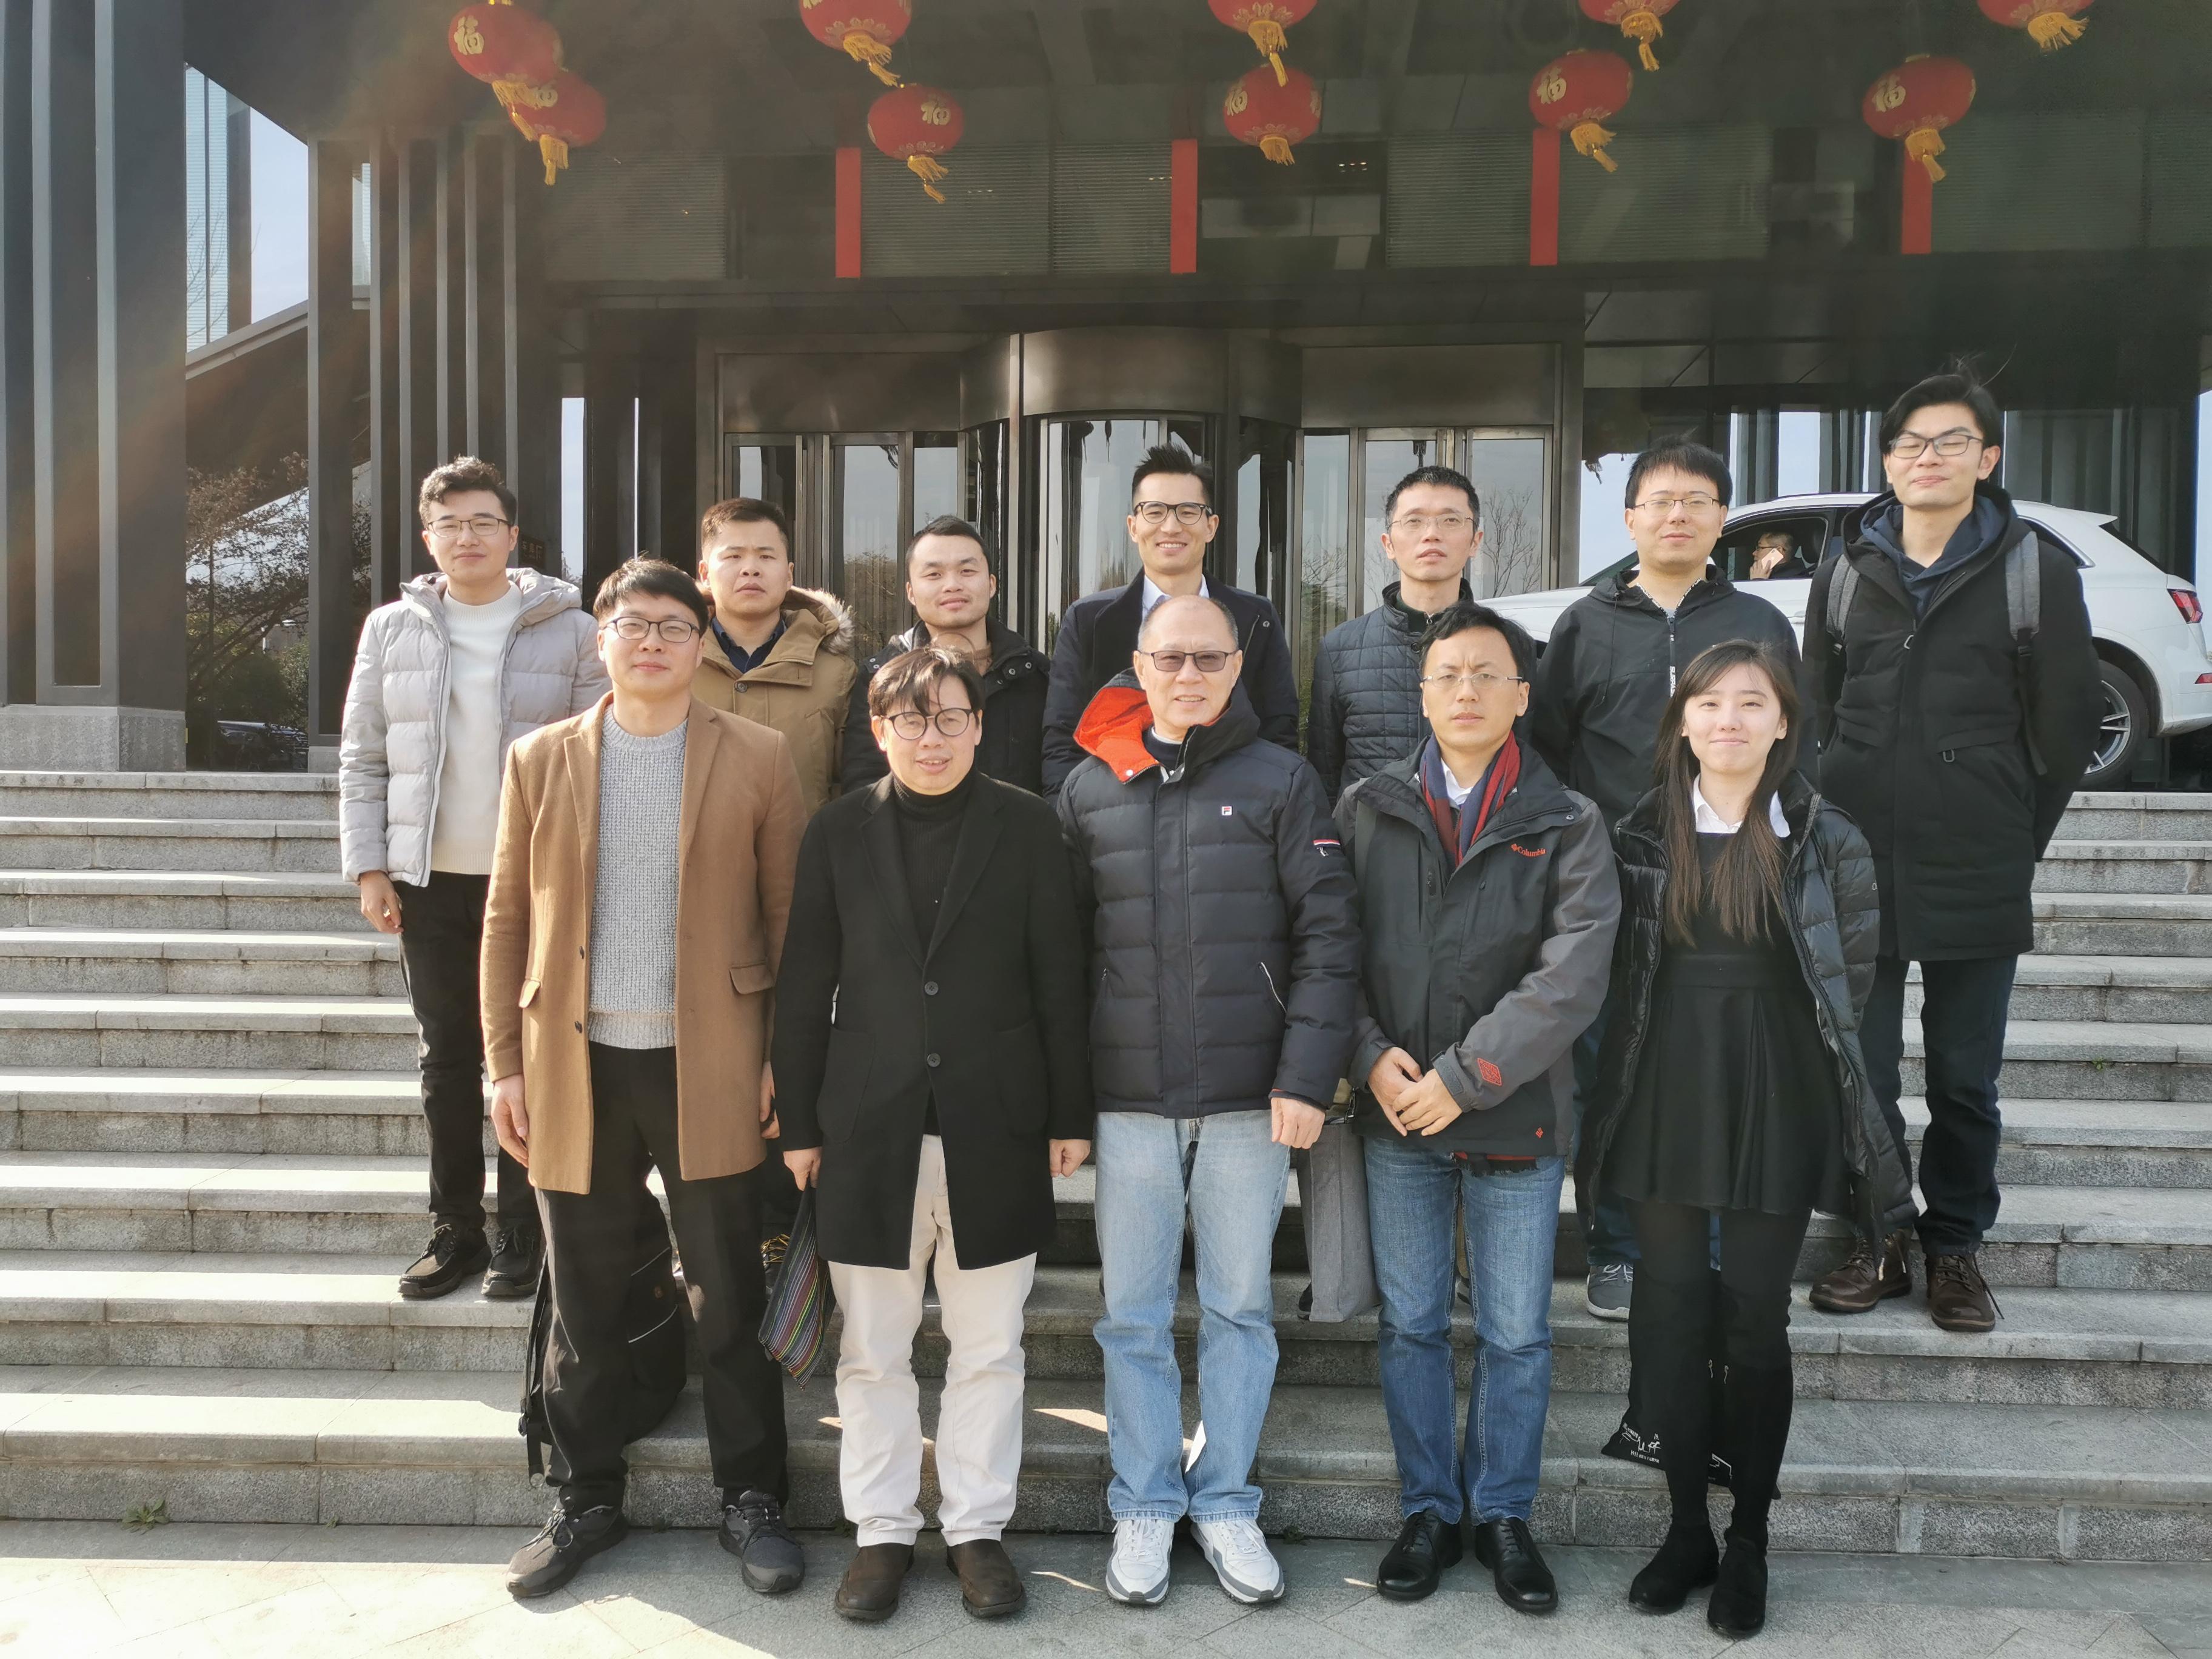 2019年中国与世界政治发展回顾及展望座谈会顺利举办